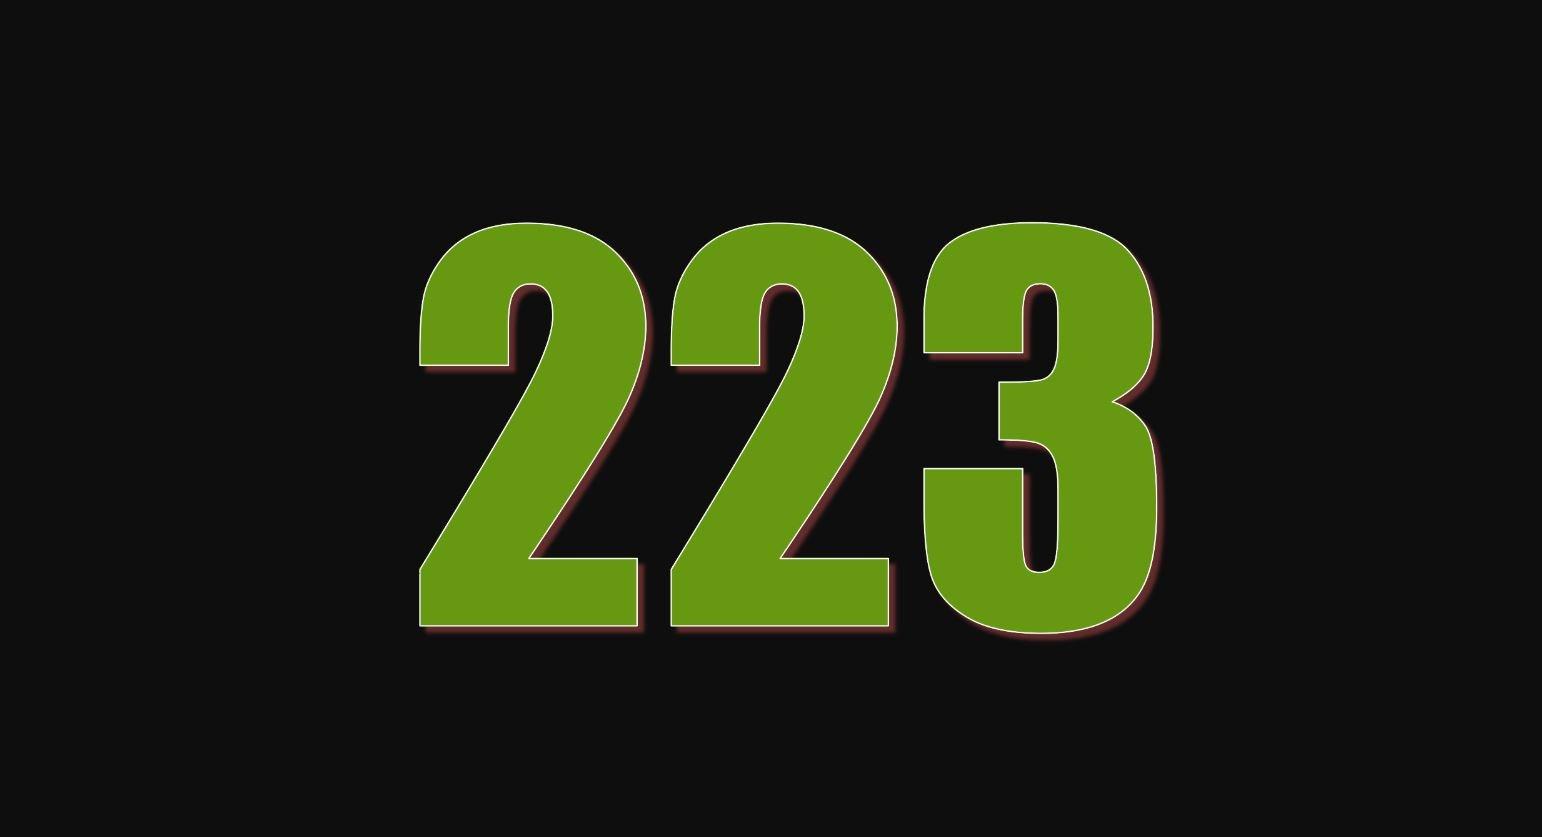 Die Bedeutung der Zahl 223